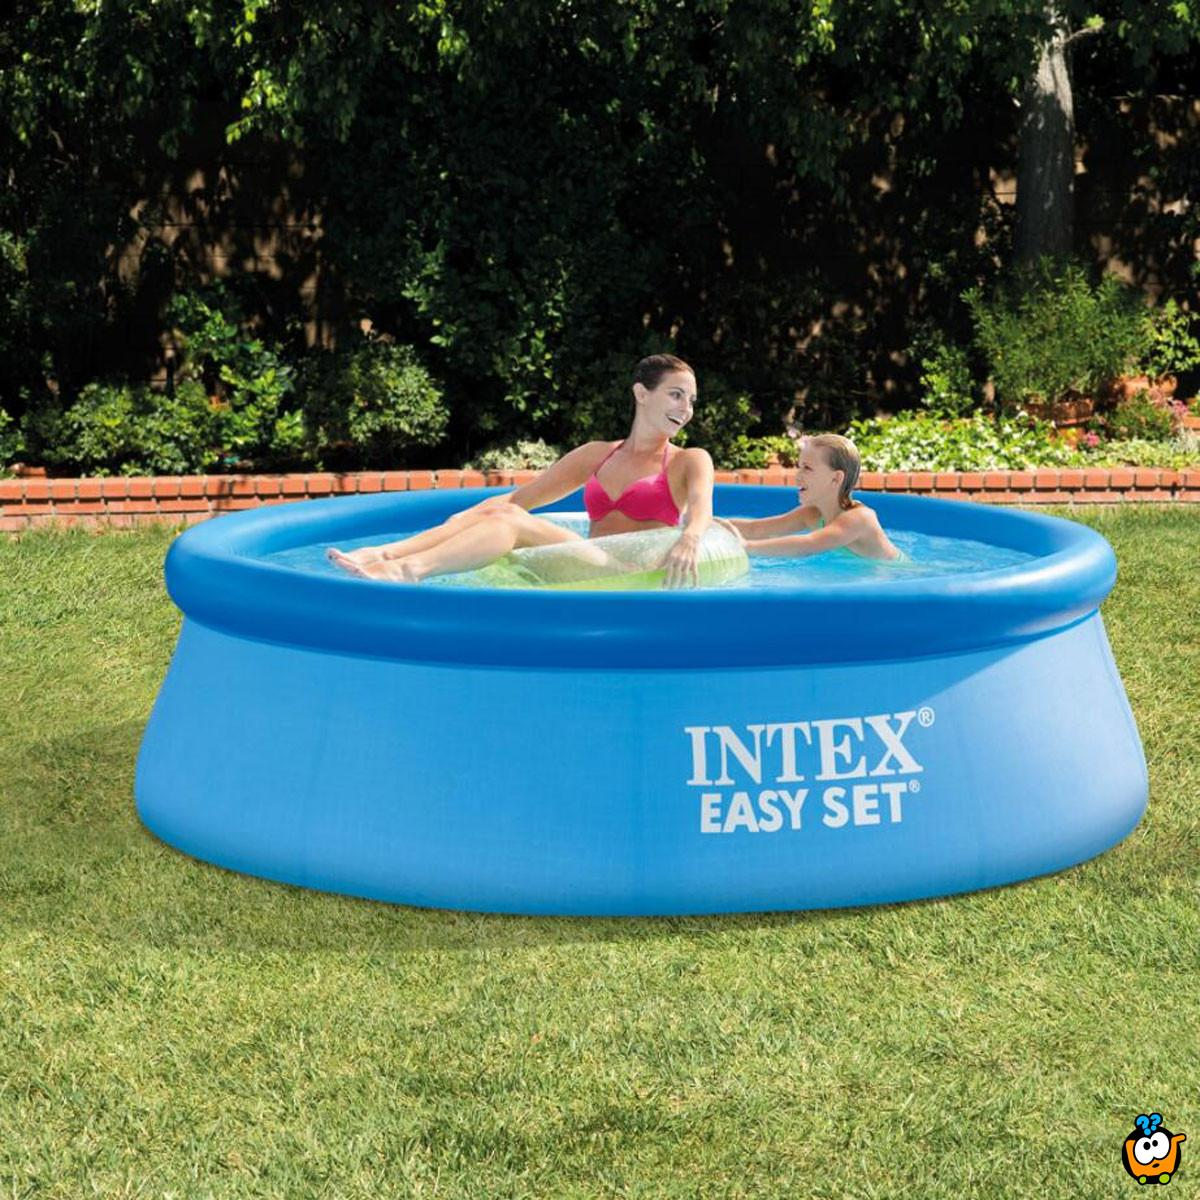 28110 Intex easy set - Porodični bazen na naduvavanje - 244cm x 76cm